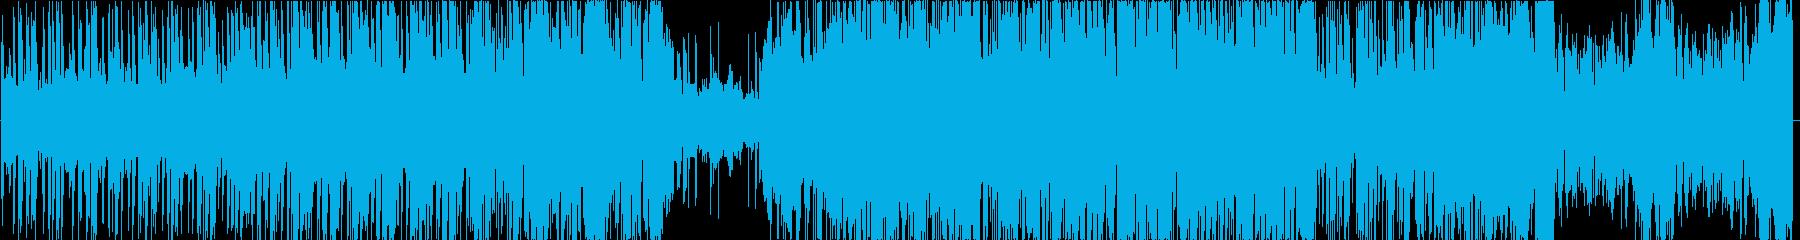 クールで神秘的なHipHopの再生済みの波形